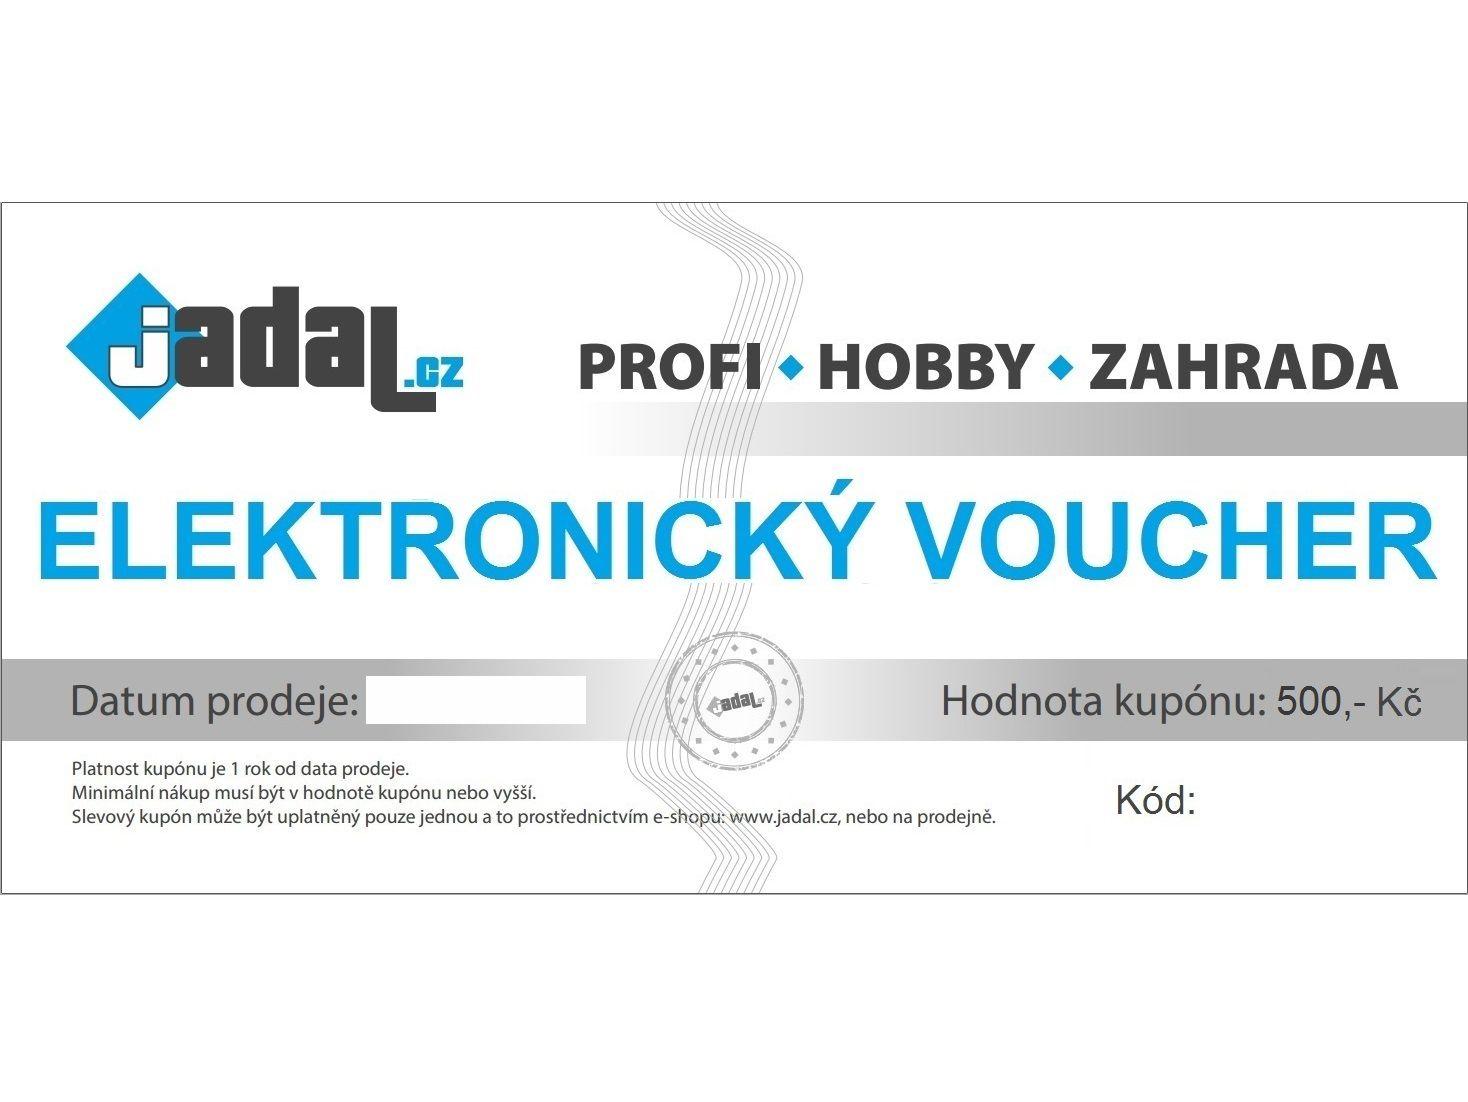 Elektronický voucher - poukaz v hodnotě 500,-Kč